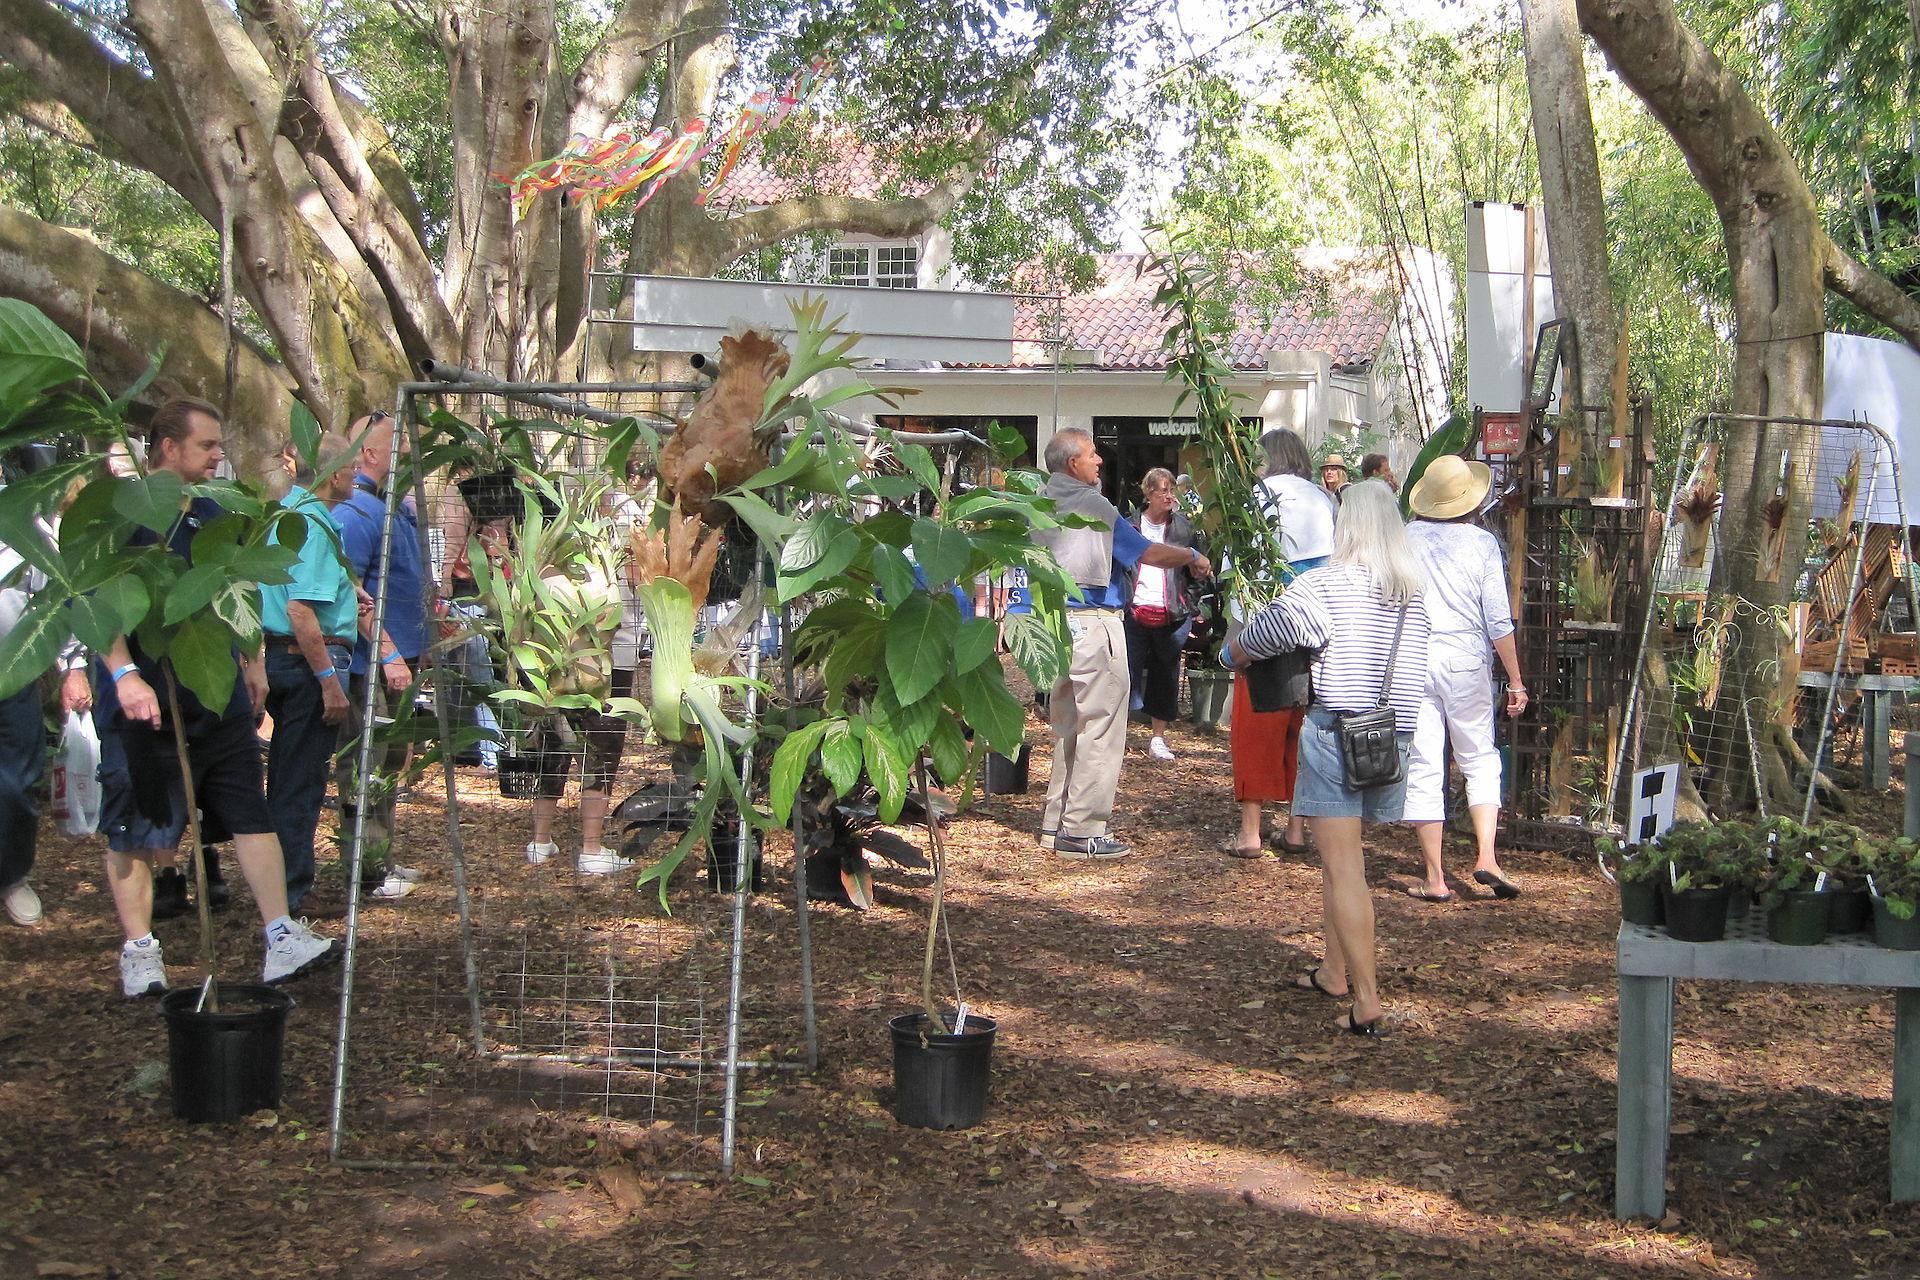 Selby gardens plant sale gtjsfz